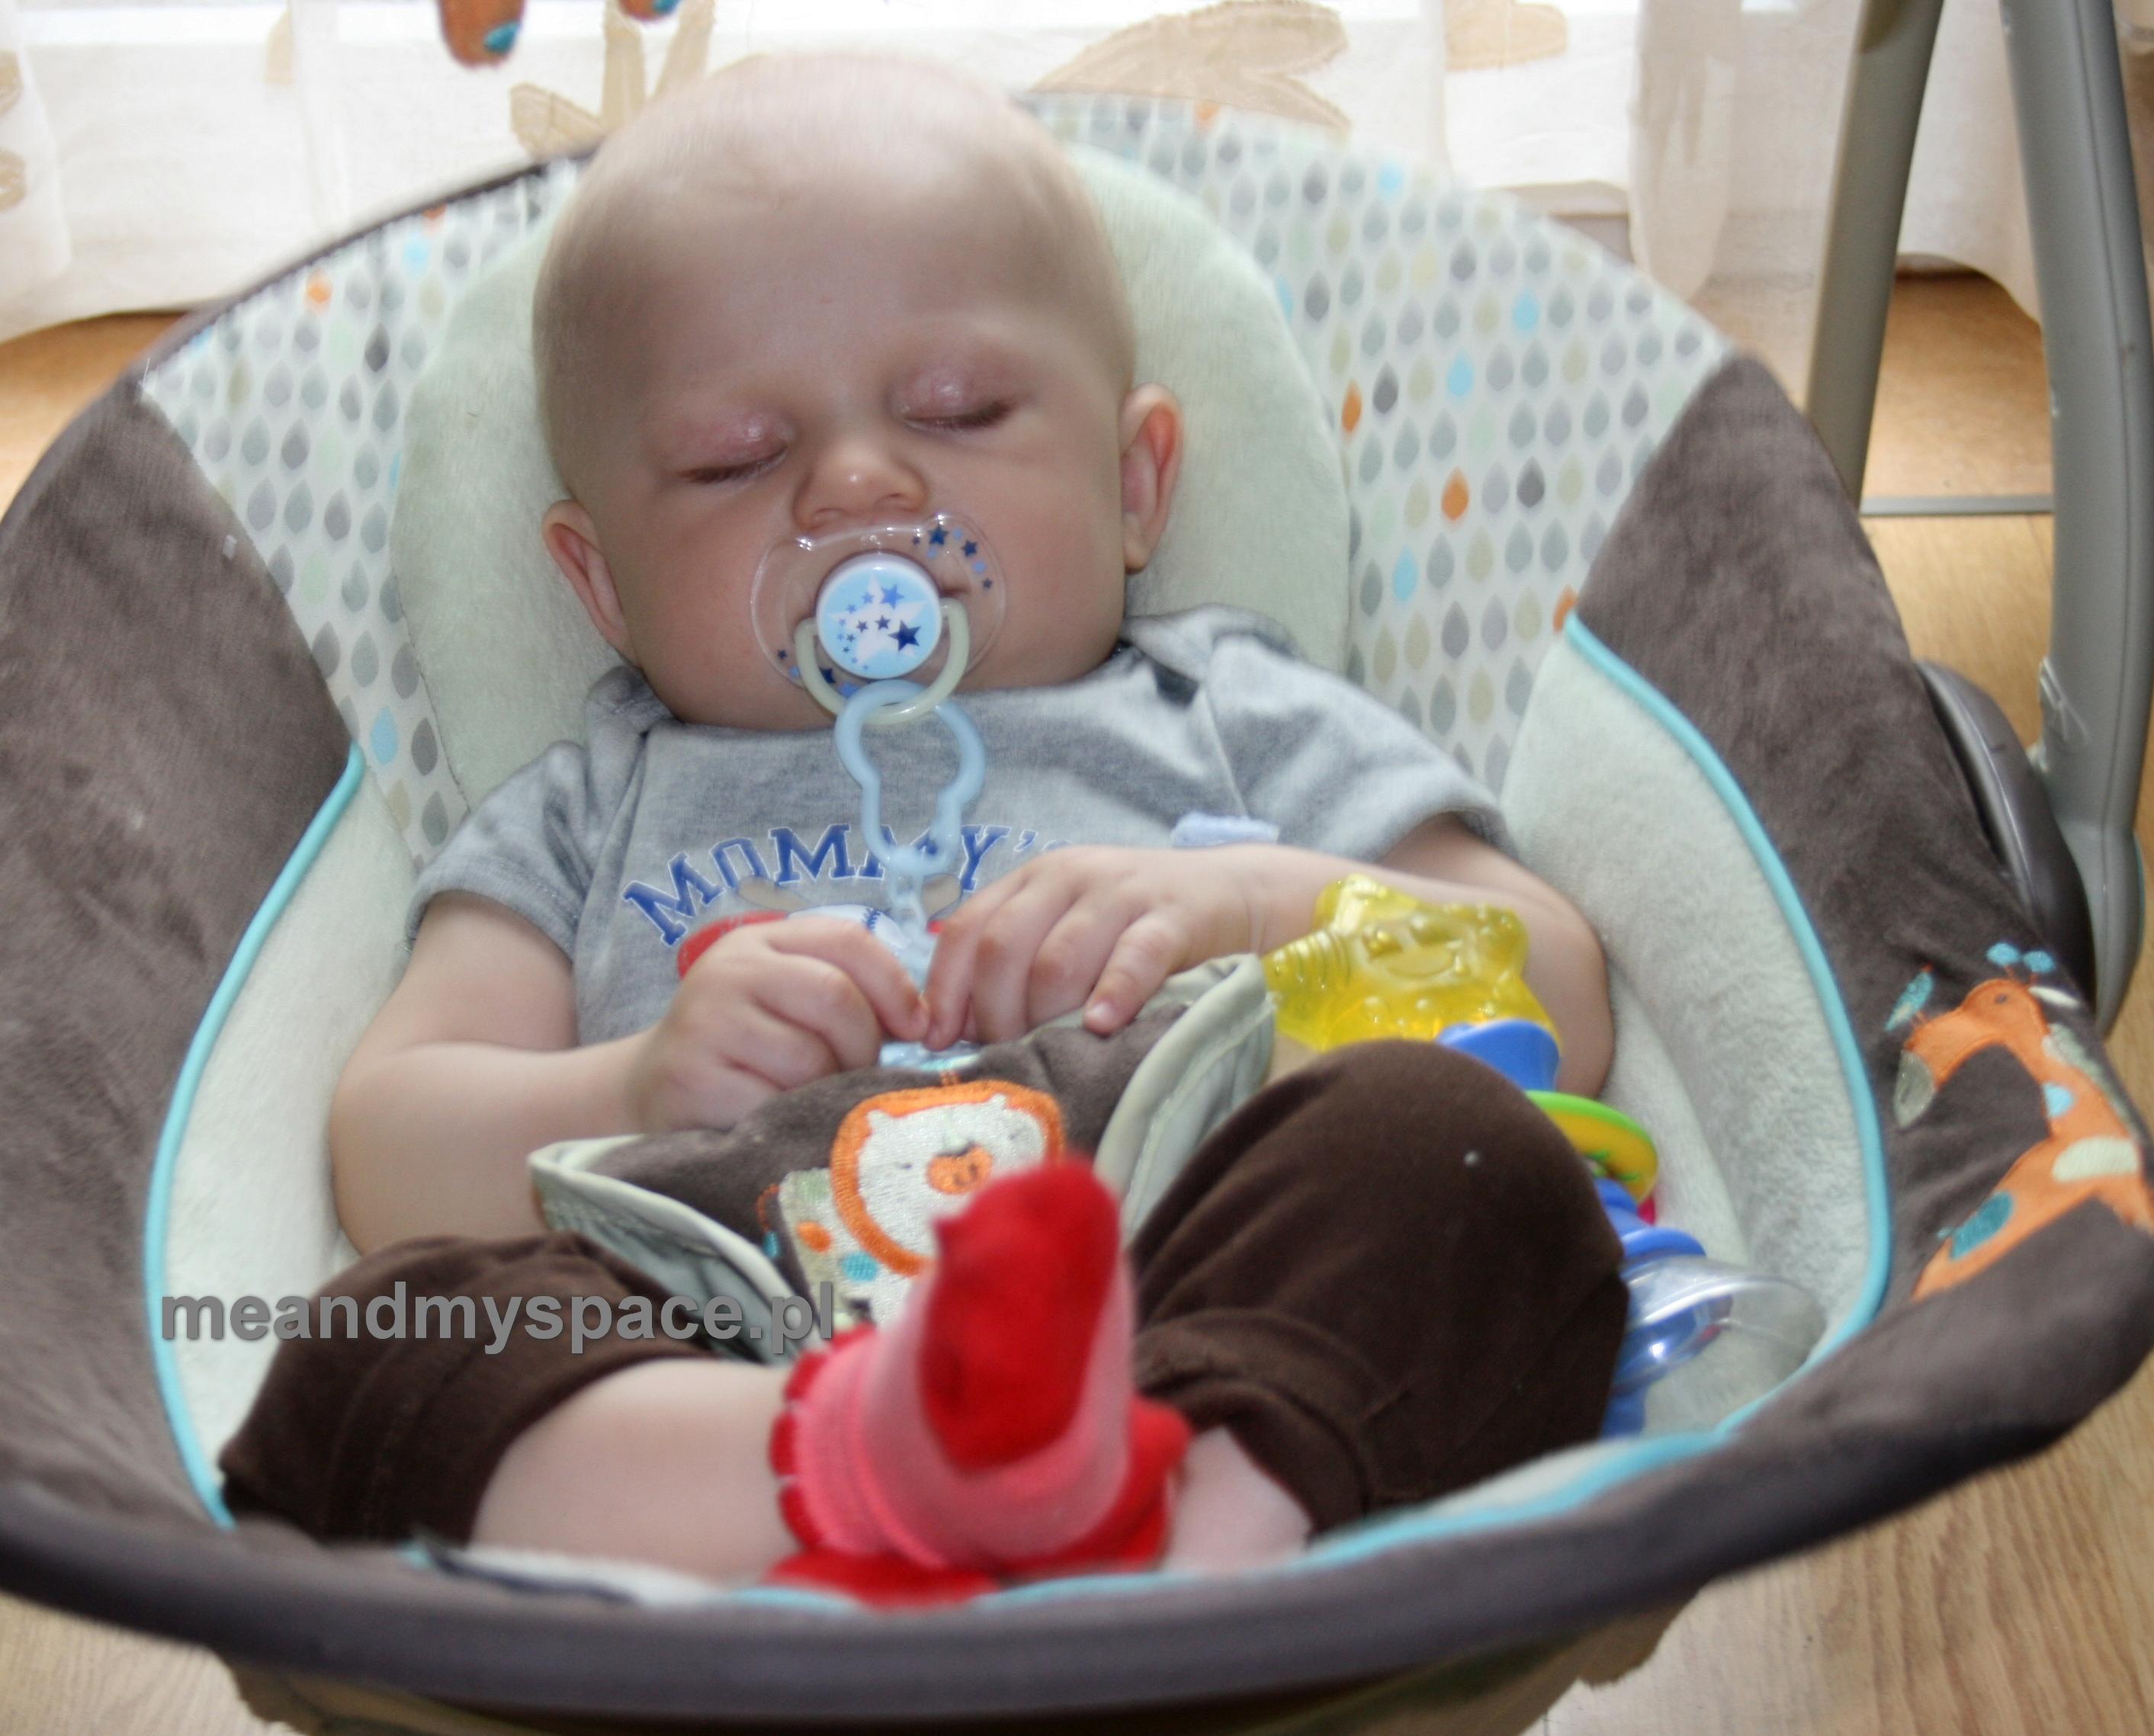 Jak Powinno Spać Dziecko Me And My Space